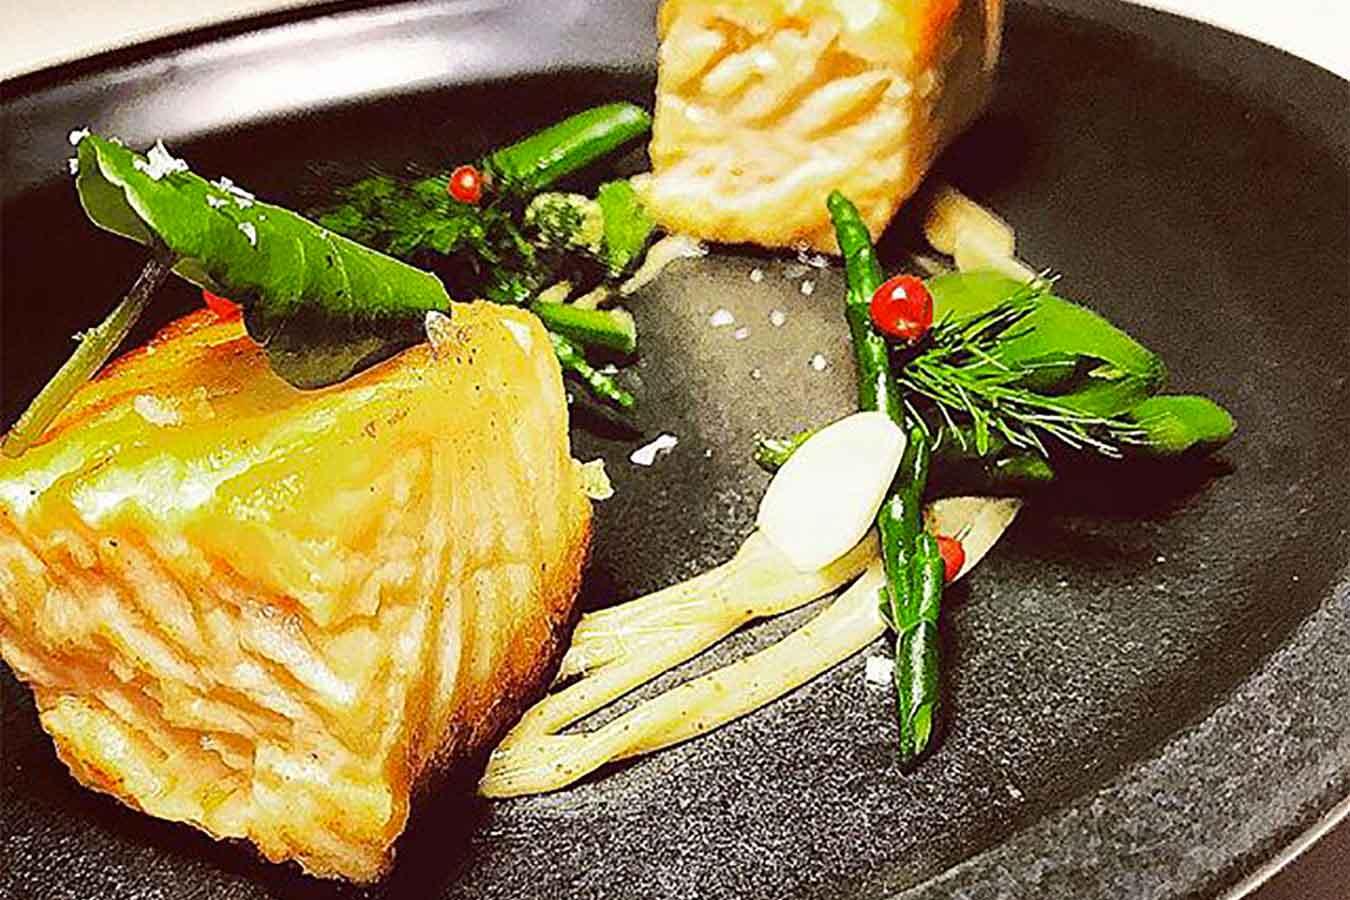 Ricetta Salmone Asparagi.Ricetta Filetti Di Salmone Scottati Con Asparagi E Salsa Di Arachidi La Ricetta Food N Rock